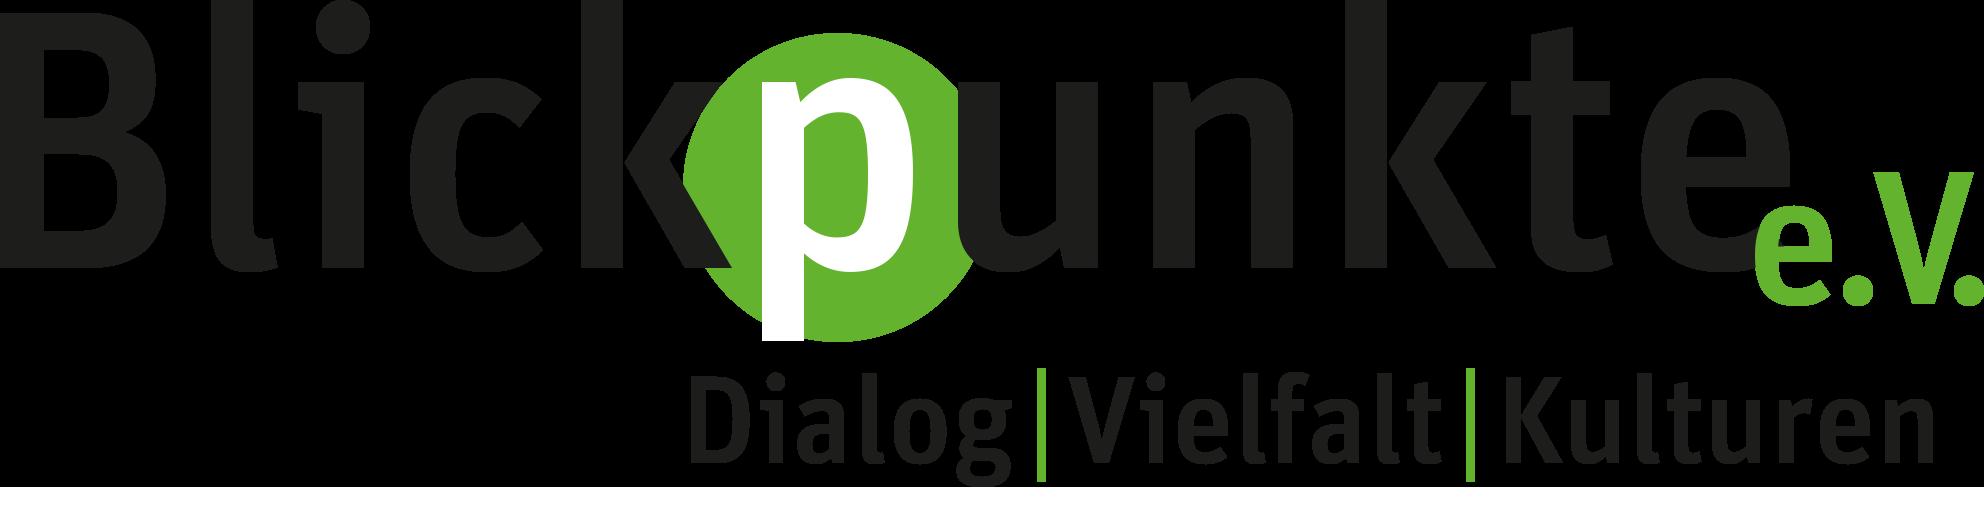 Blickpunkte_Logo2019